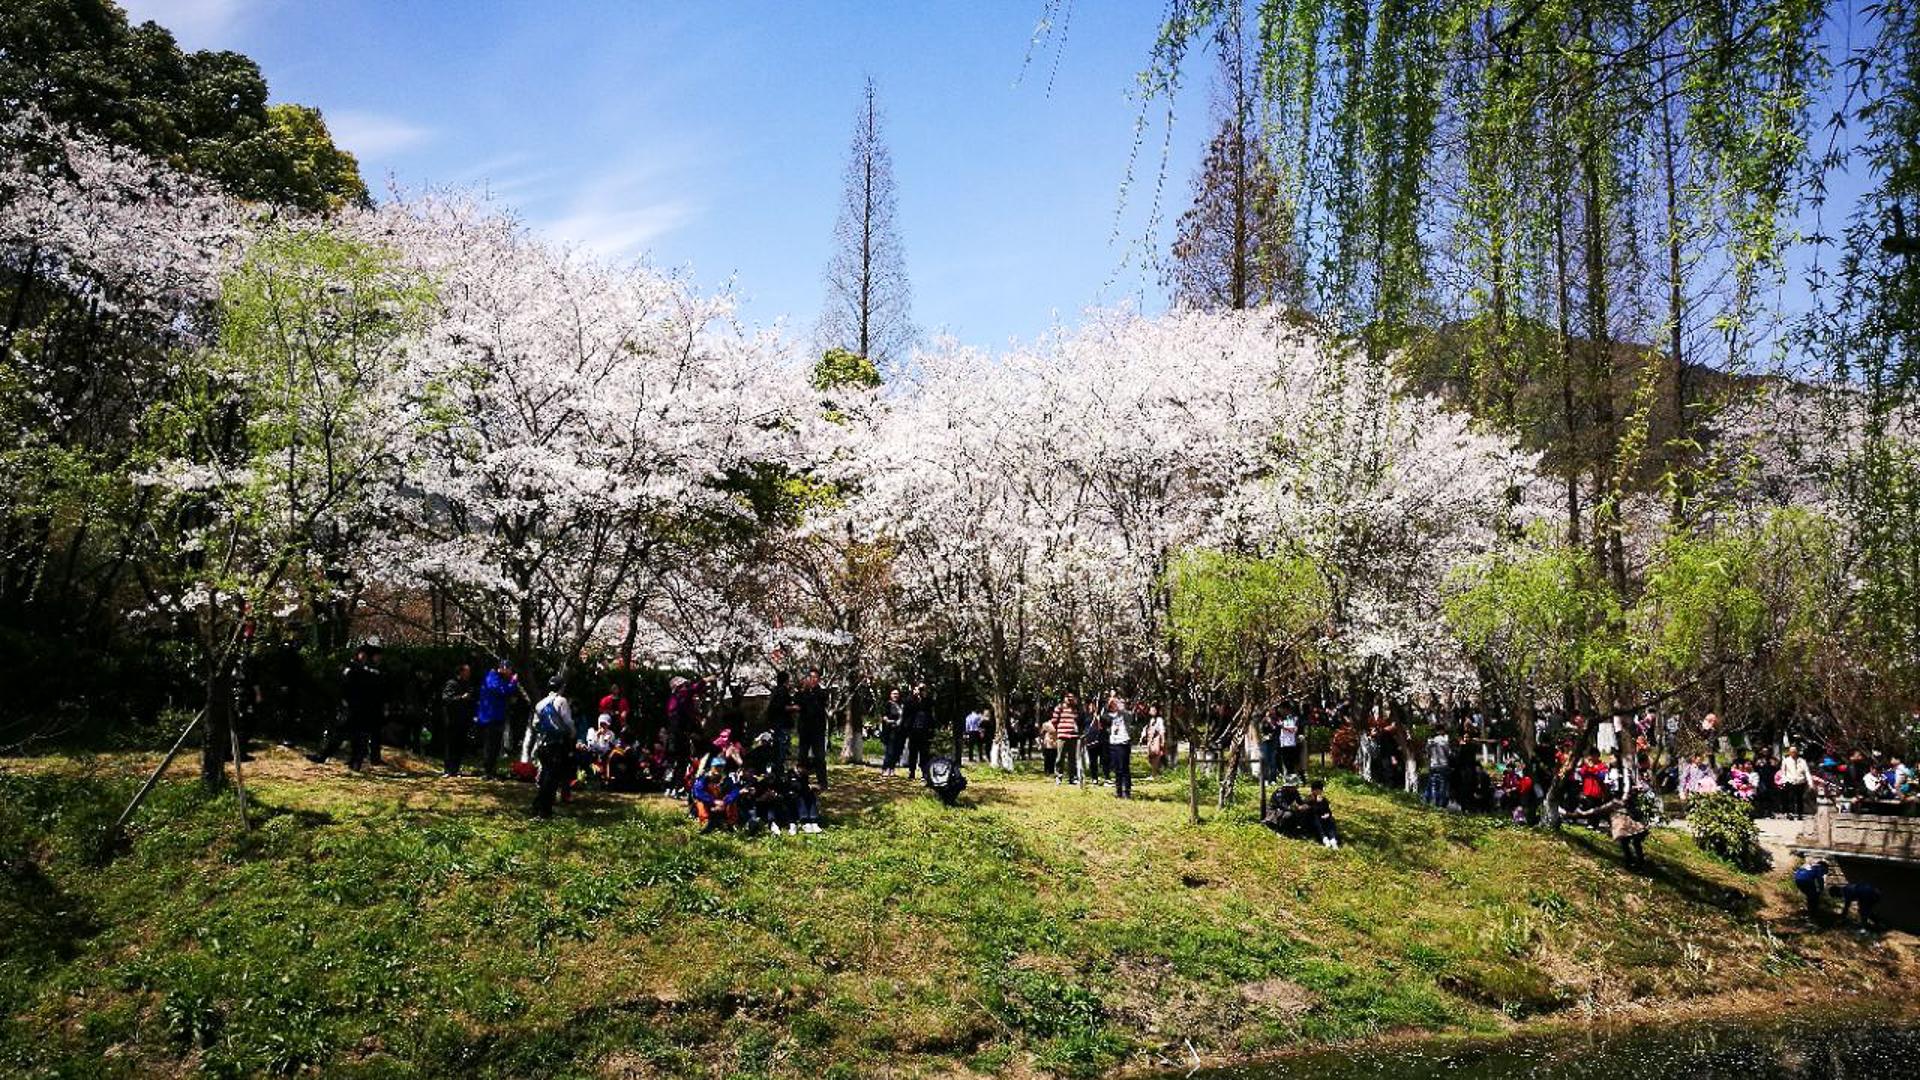 浙江绍兴一处宁静的赏樱佳地,游客一边看樱花一边吃野餐,好惬意